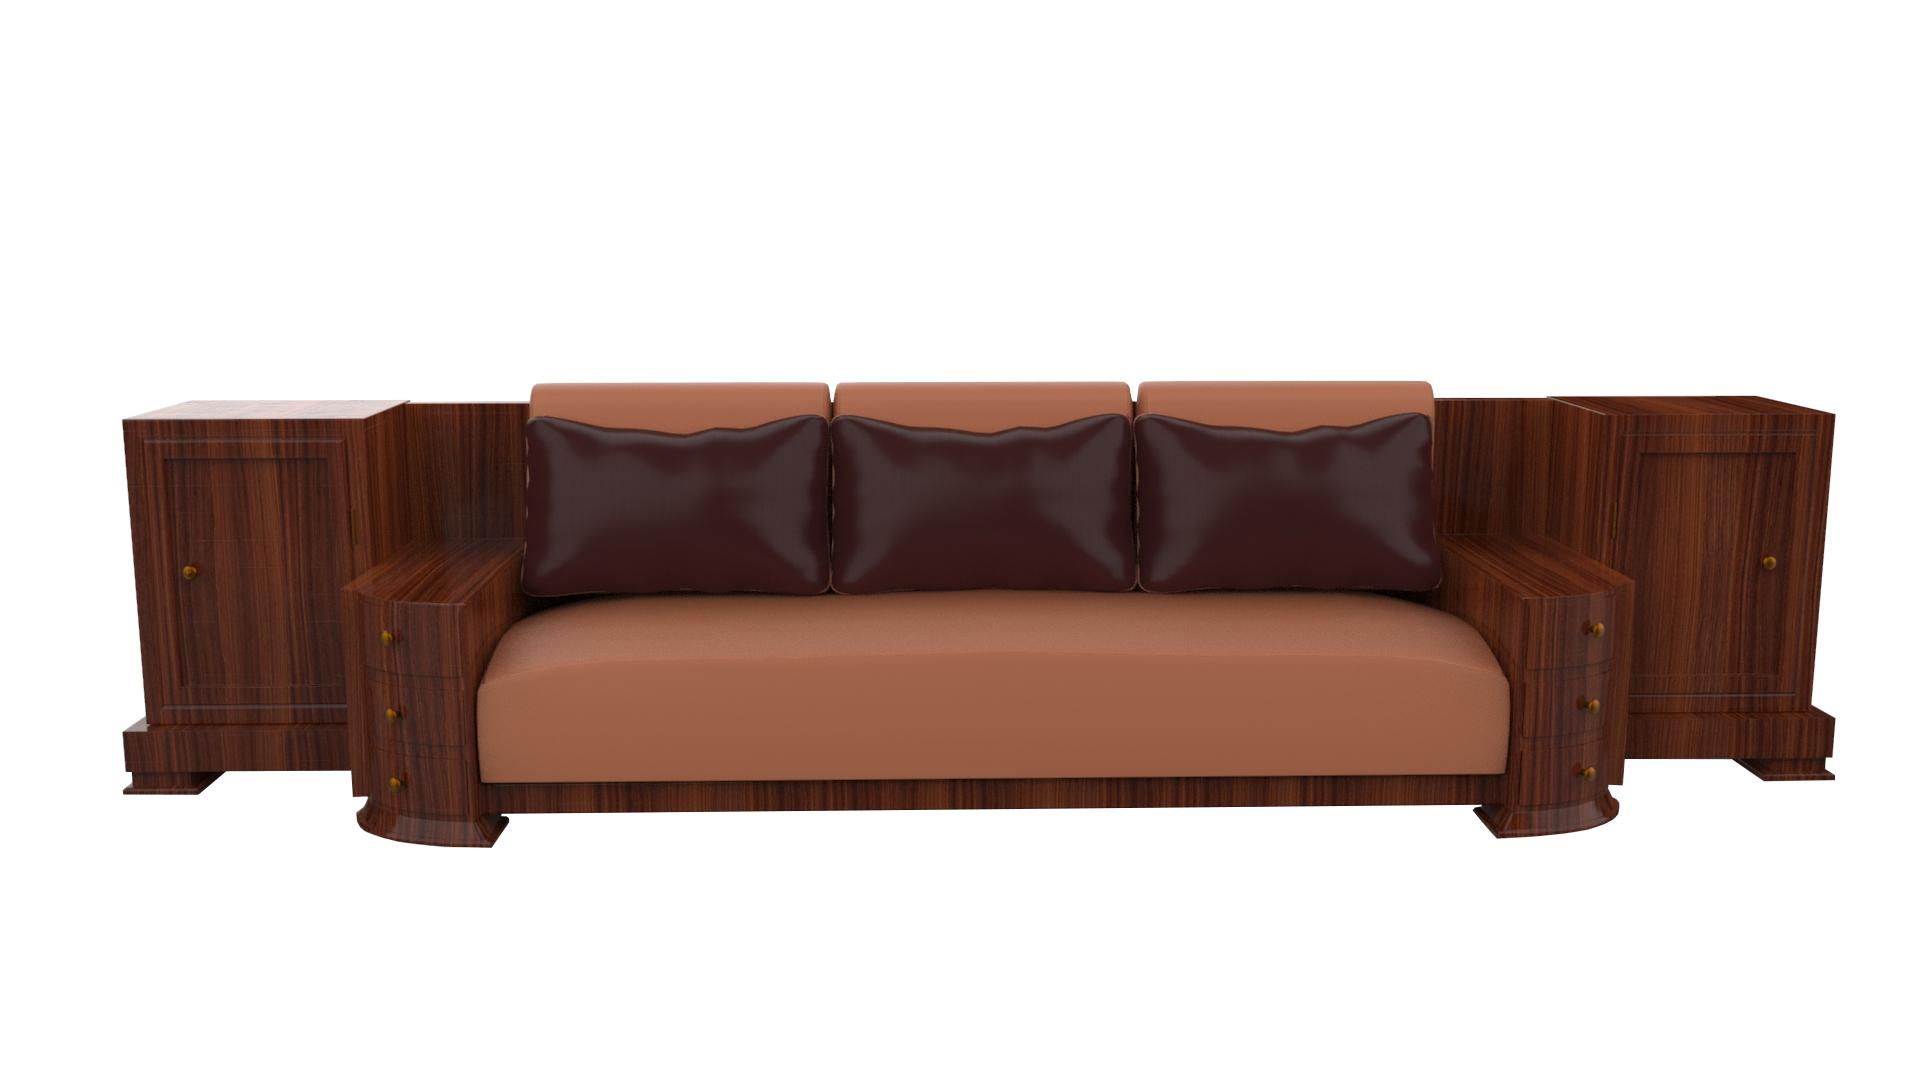 Original Antique Furniture